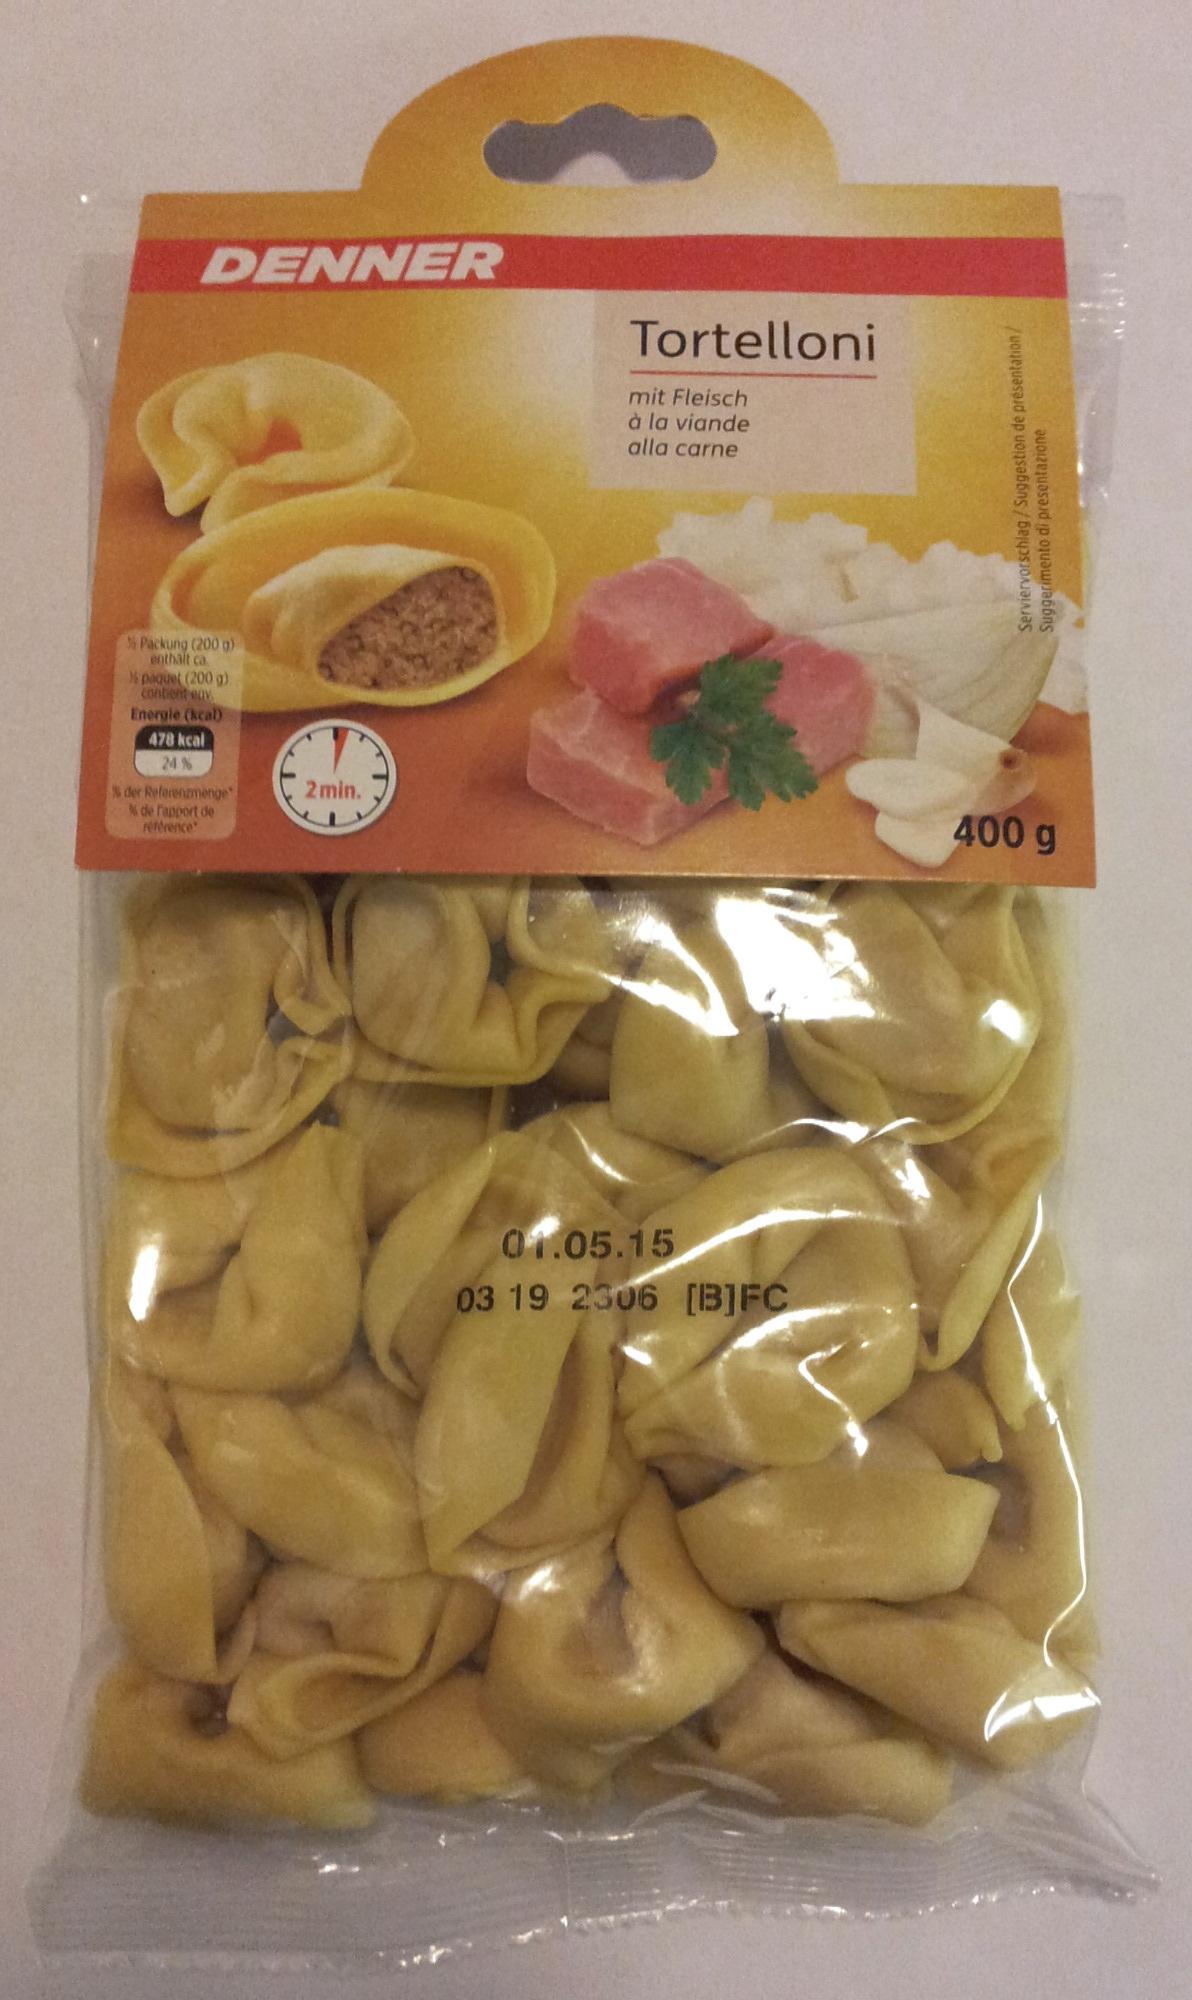 Tortelloni à la viande - Produit - fr